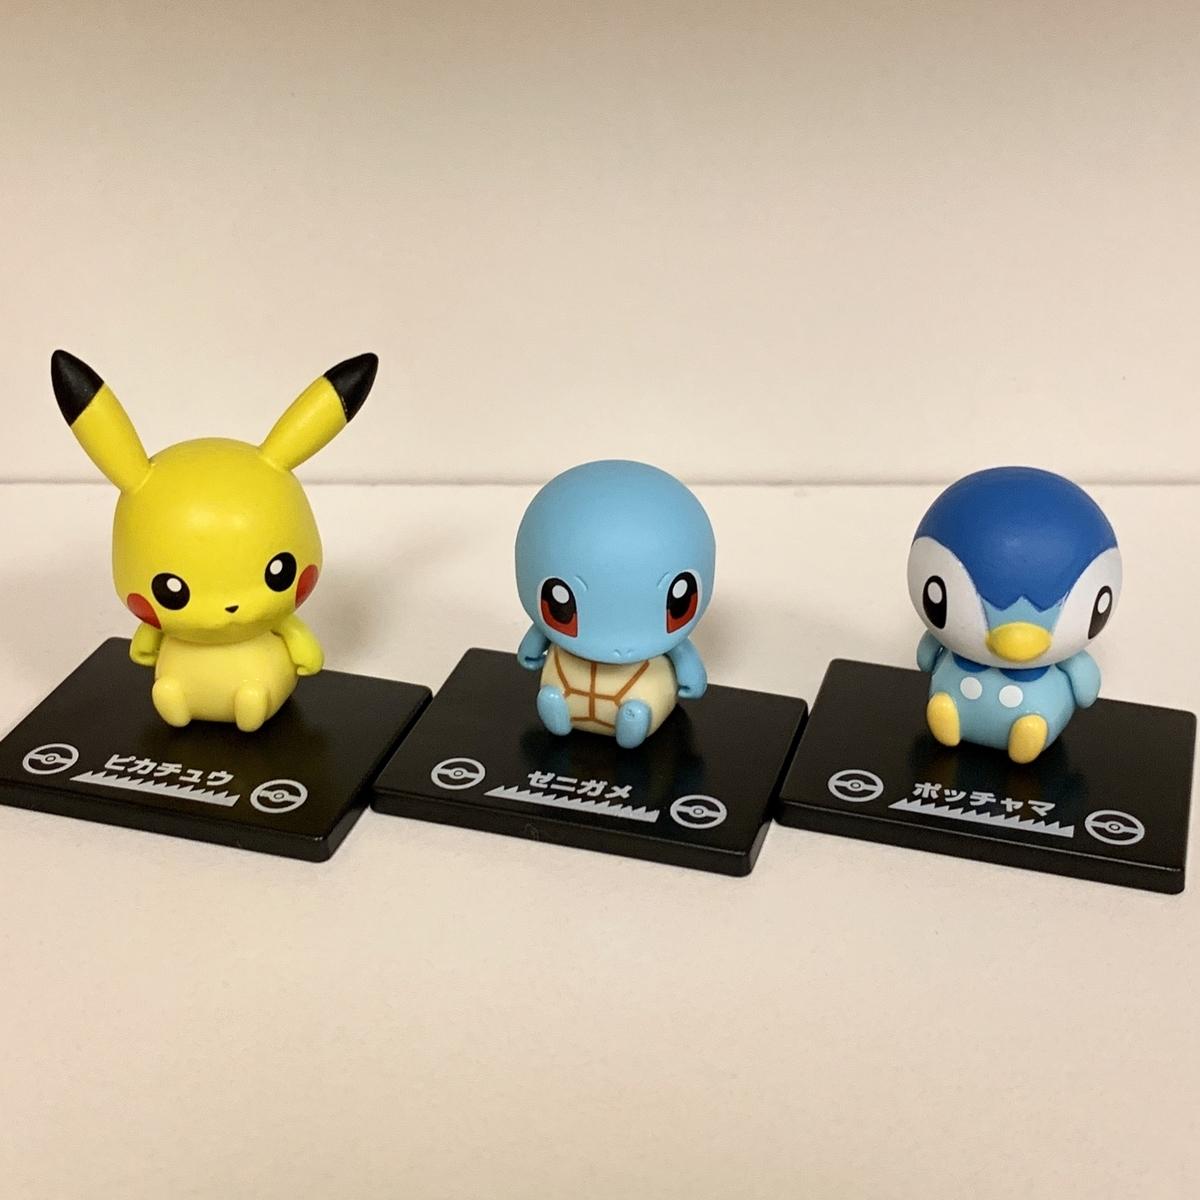 f:id:pikachu_pcn:20191026184706j:plain